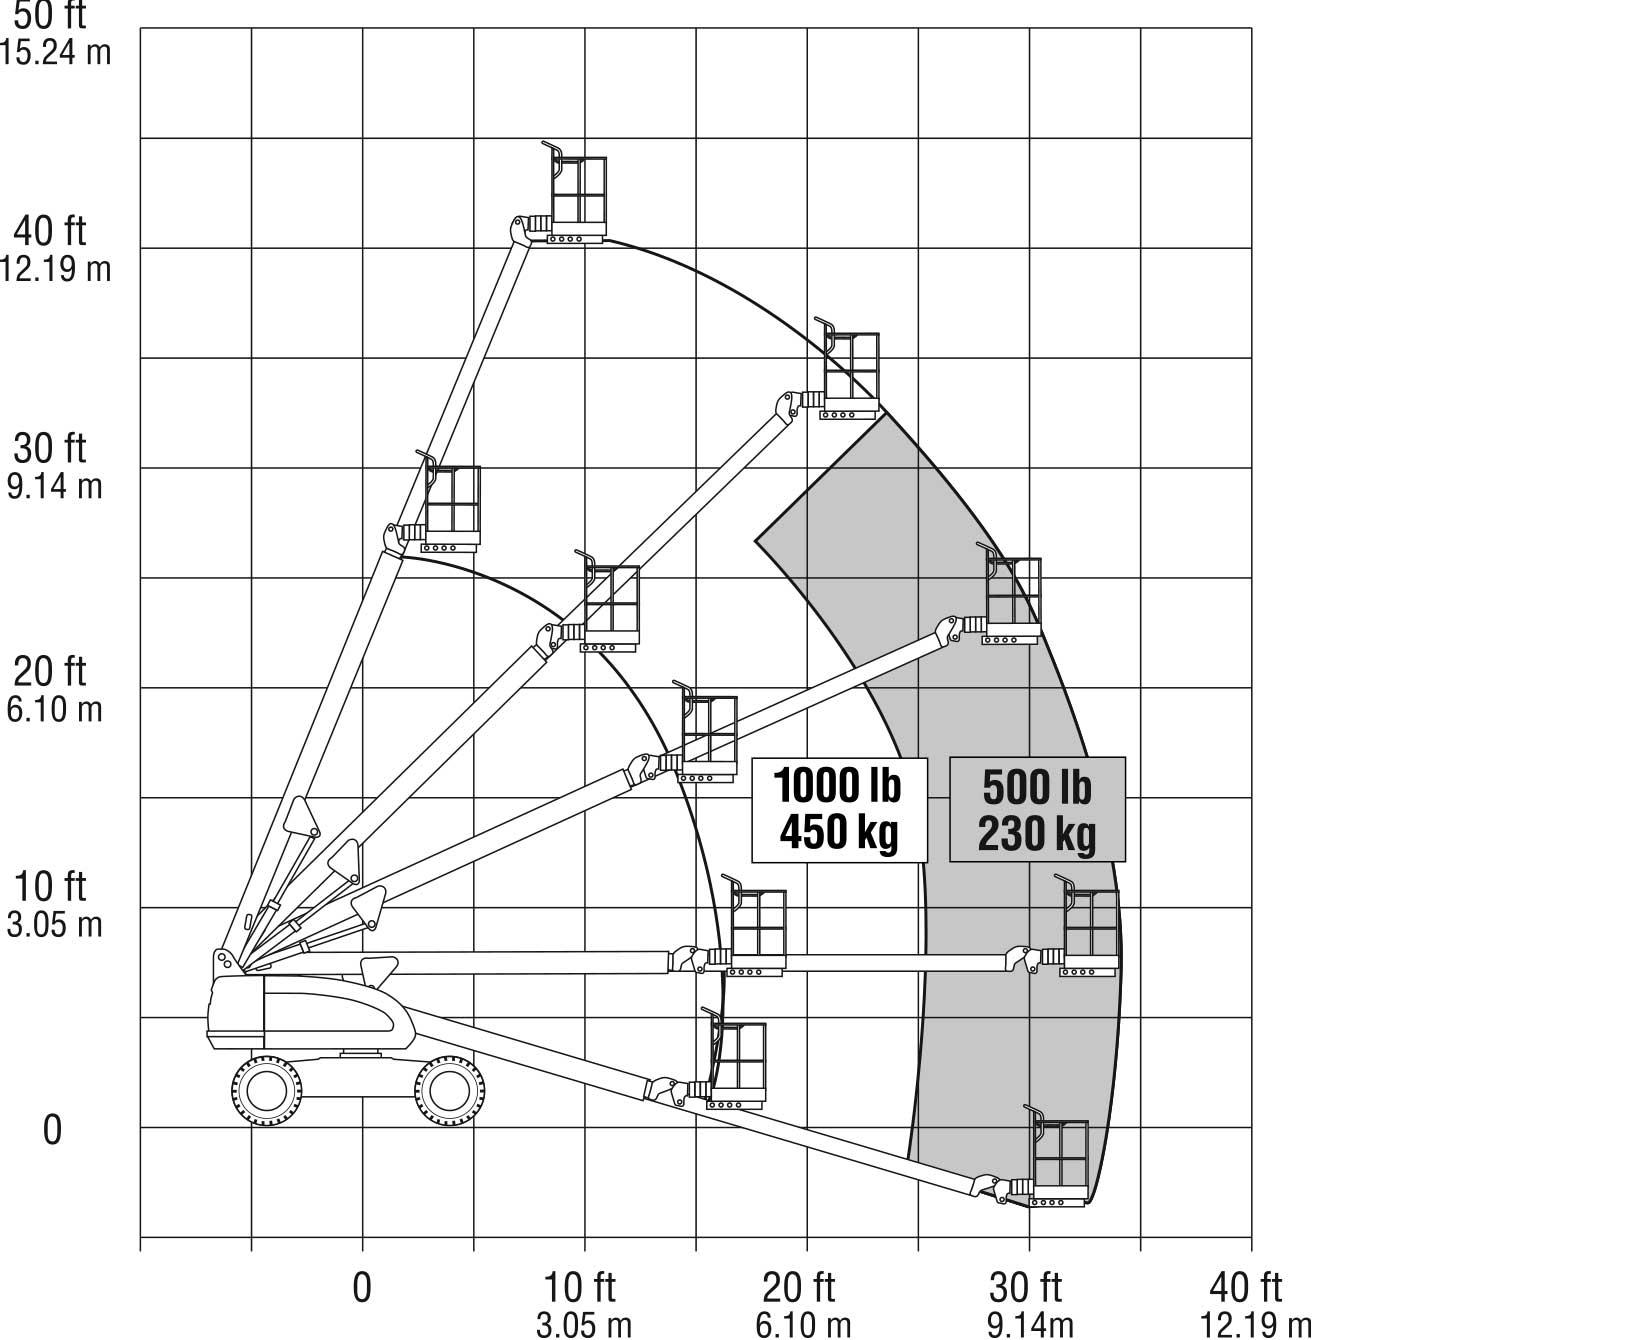 JLG 400S Reach Diagram